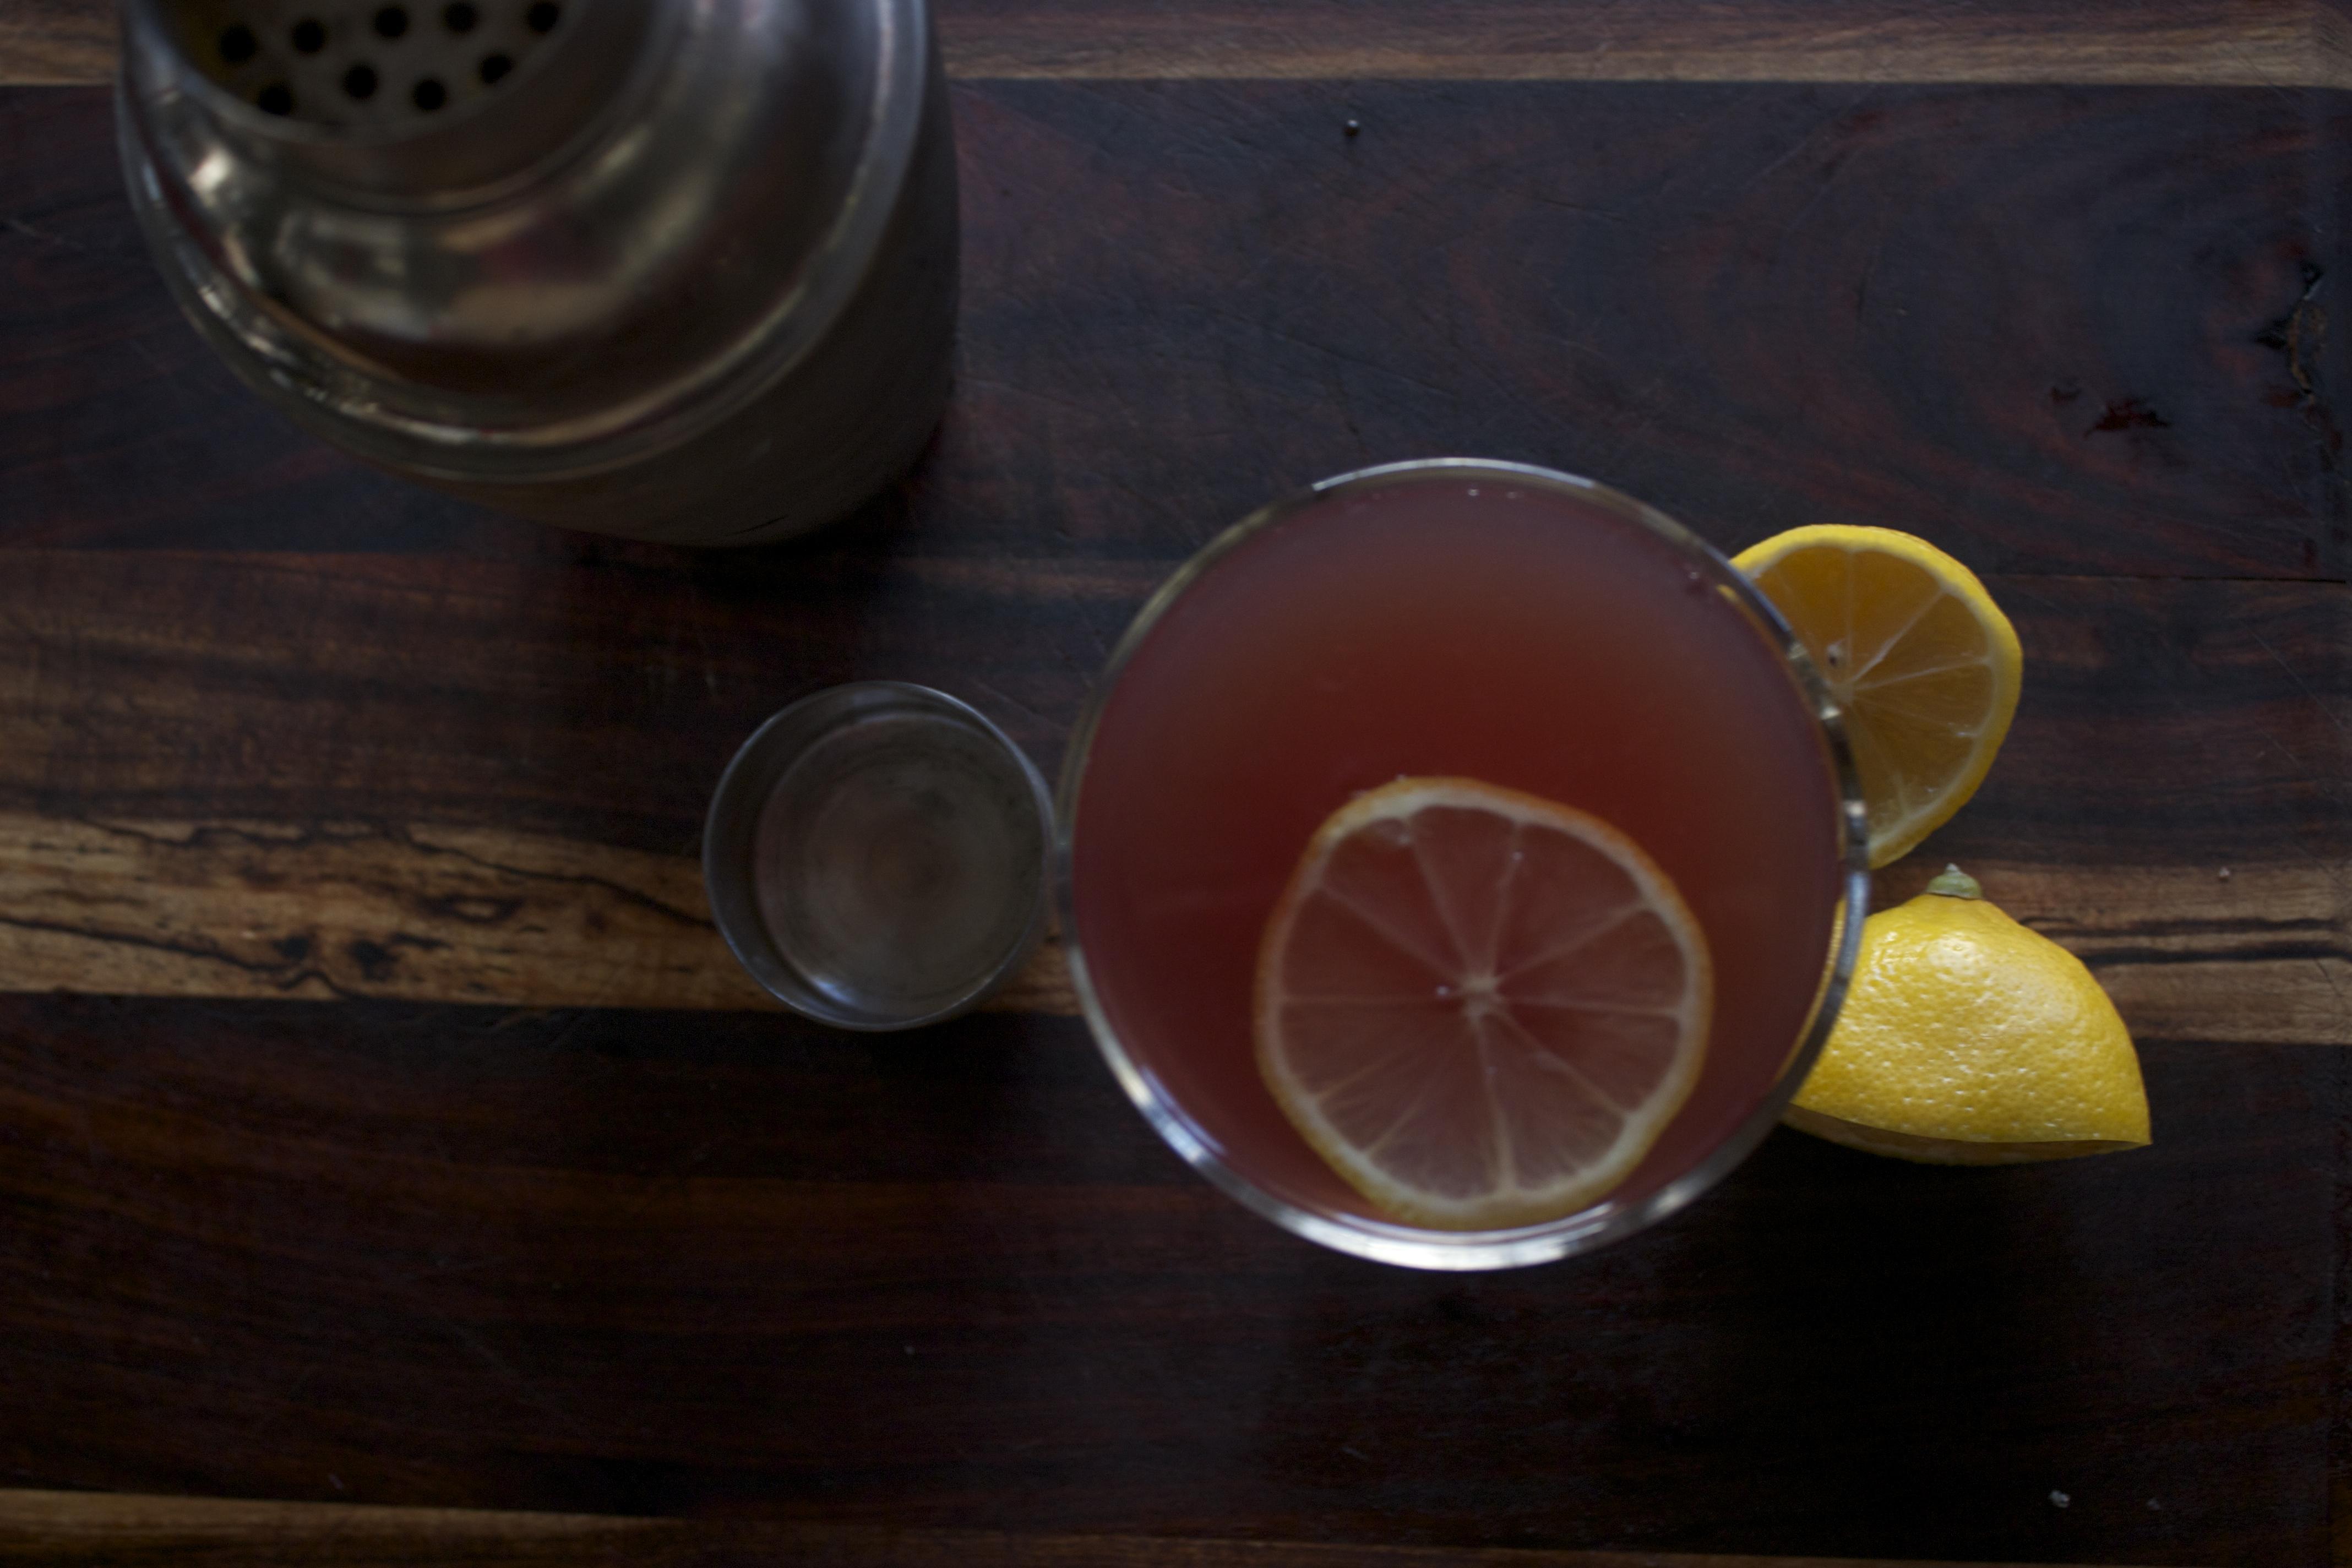 Le negociant cocktail